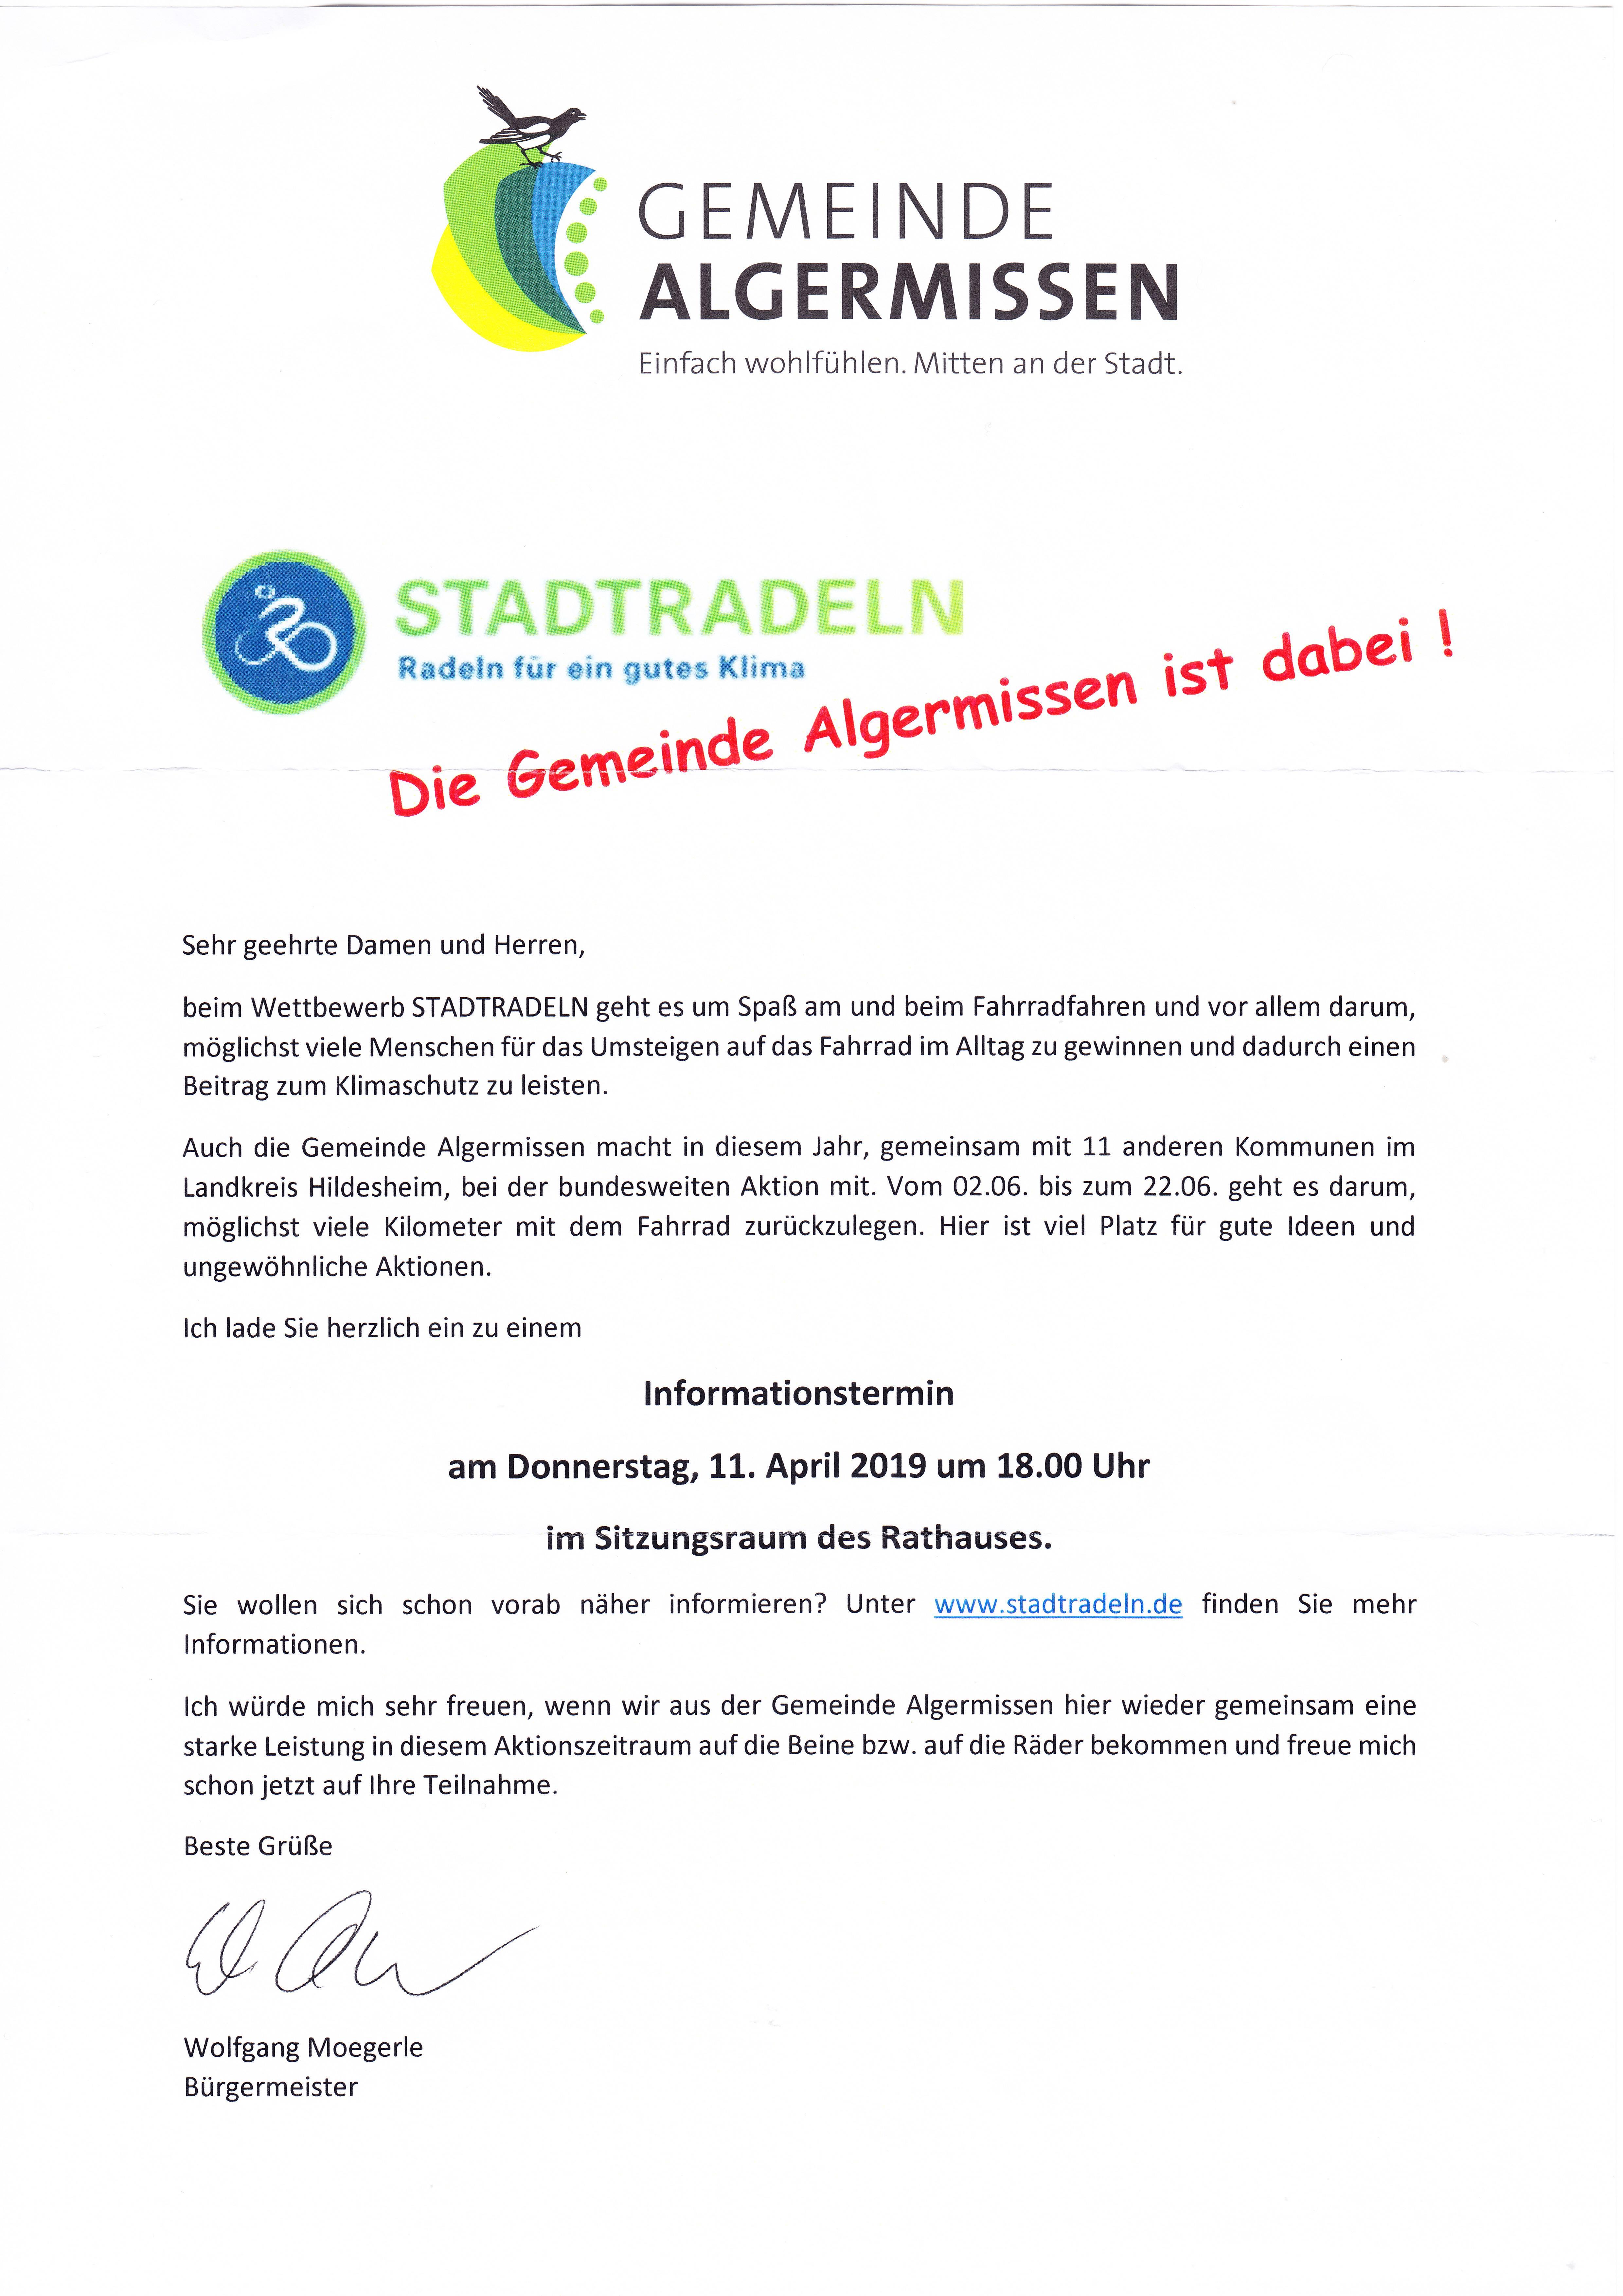 stadtradeln_info_gemeinde